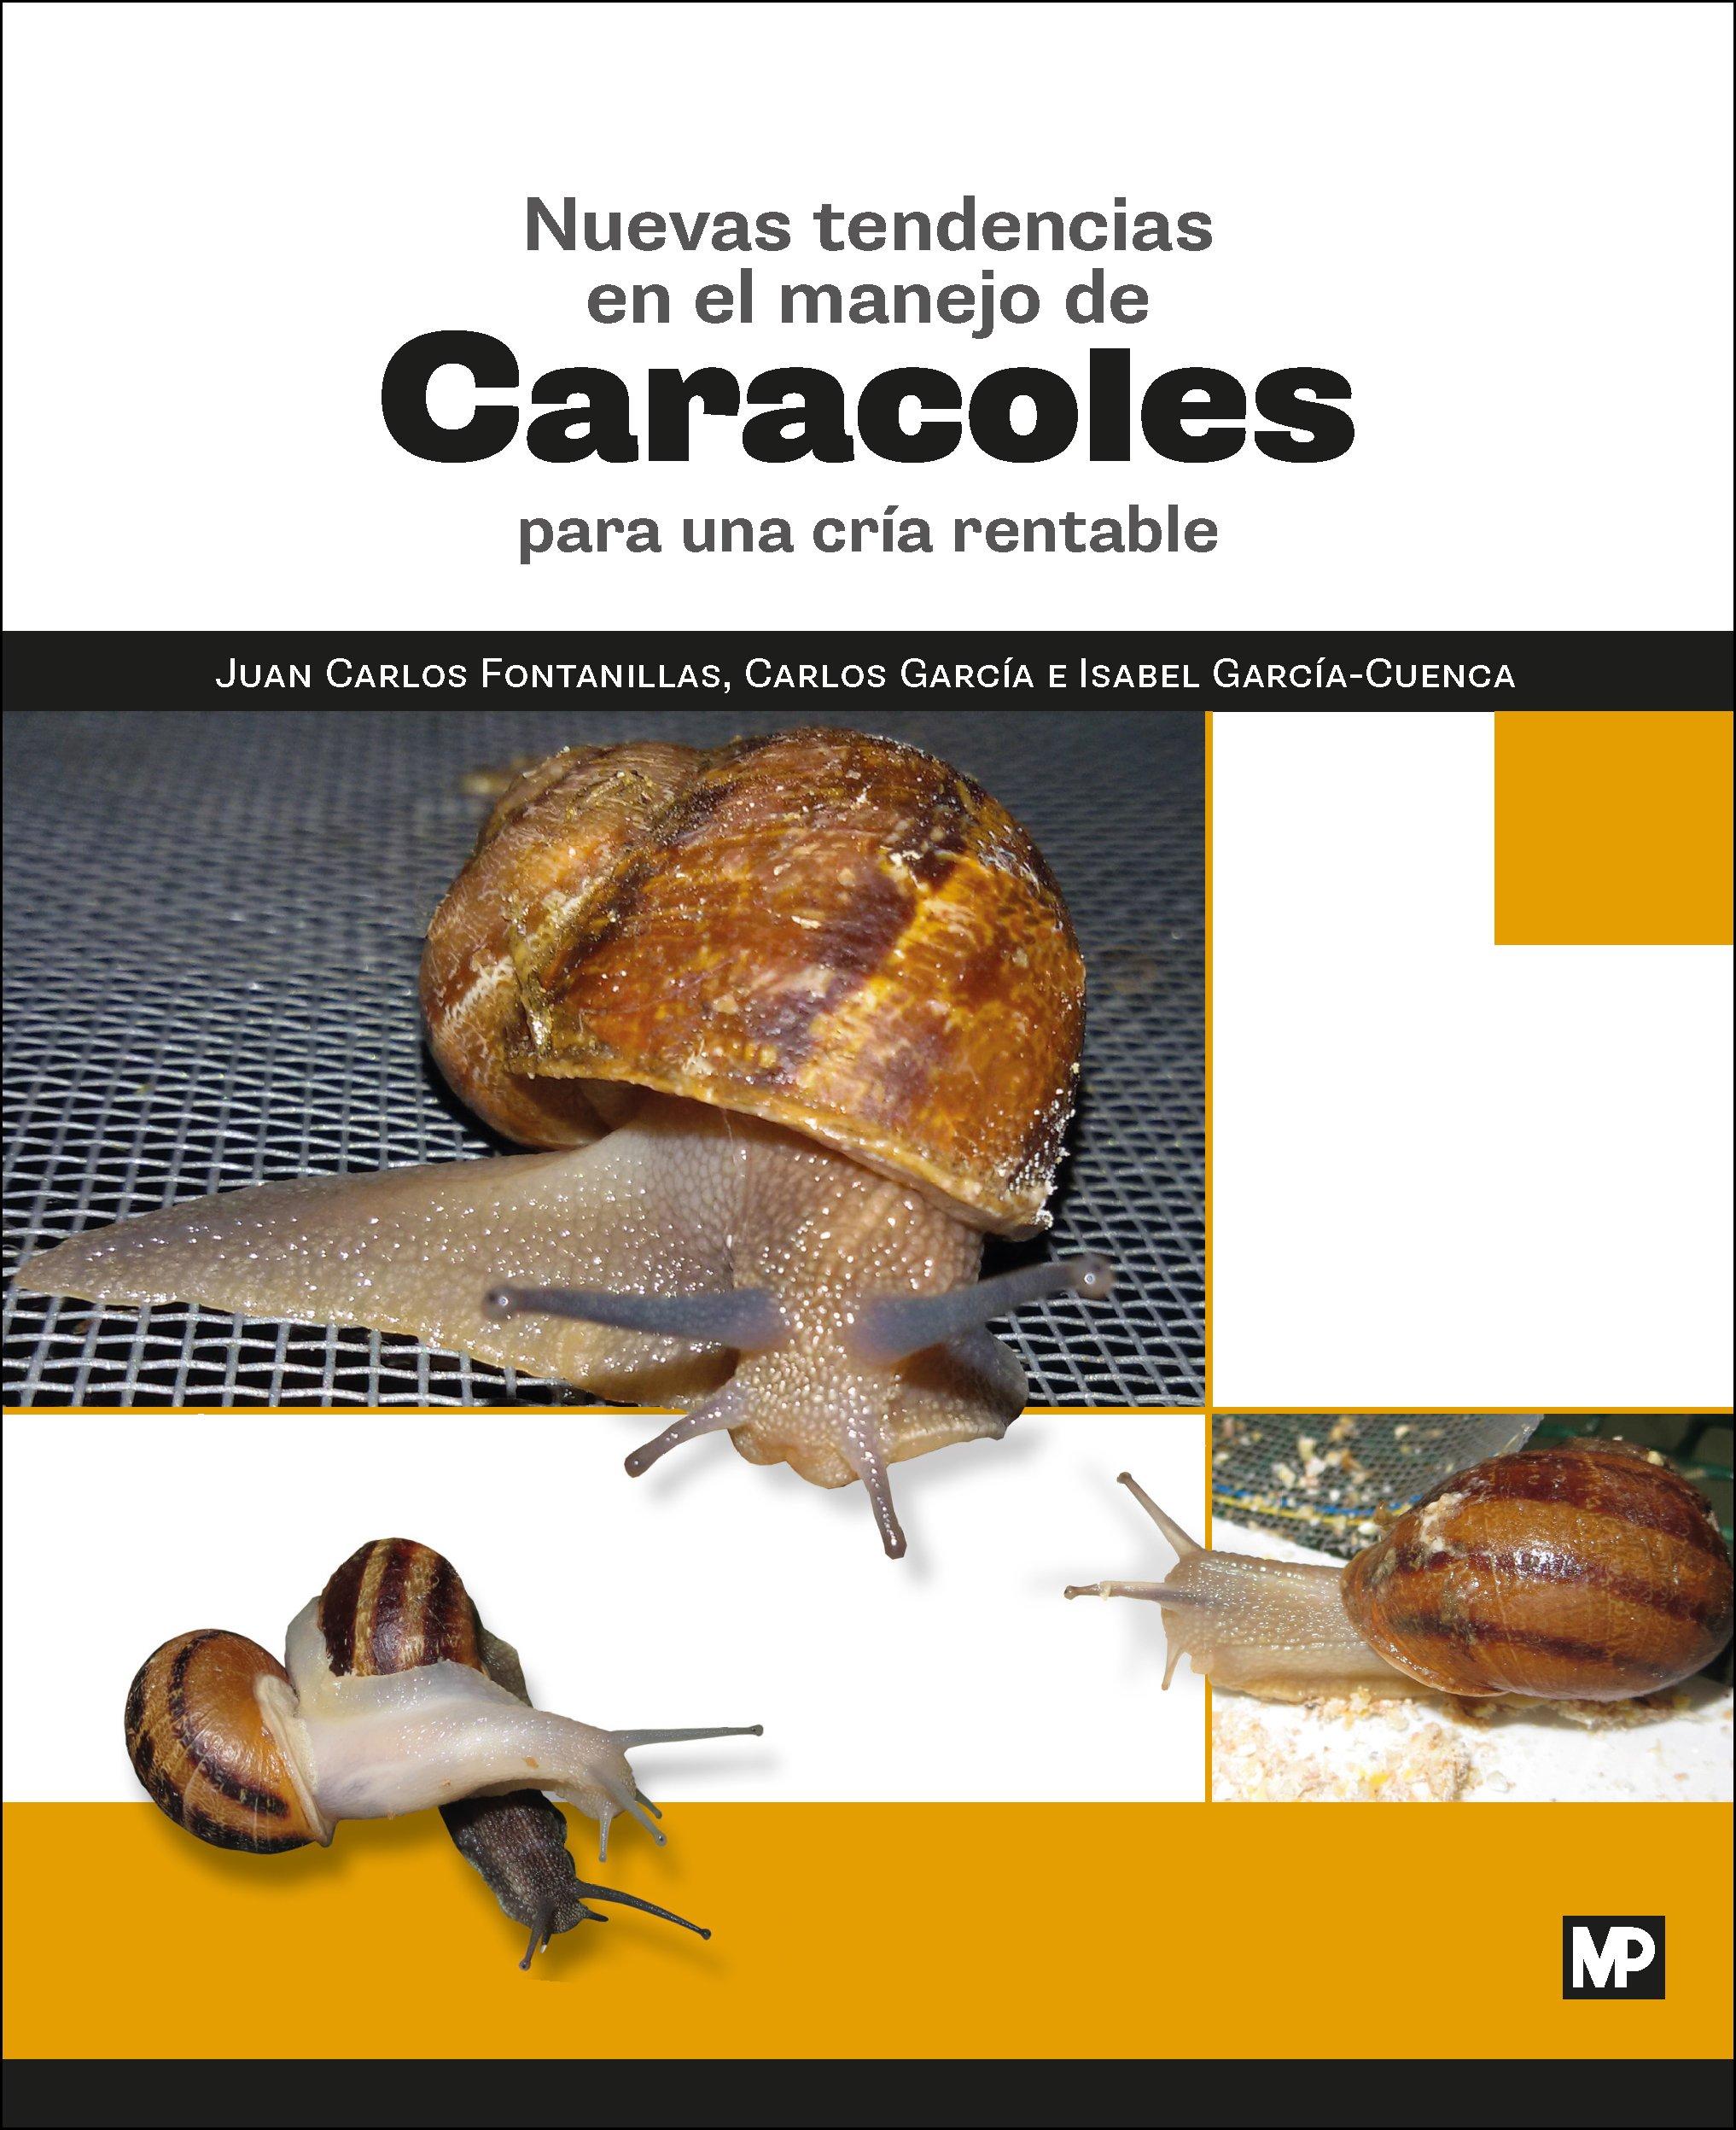 Nuevas tendencias en el manejo de caracoles para una cría rentable: Amazon.es: JUAN CARLOS FONTANILLAS PEREZ, Isabel García-Cuenca , Carlos García : Libros